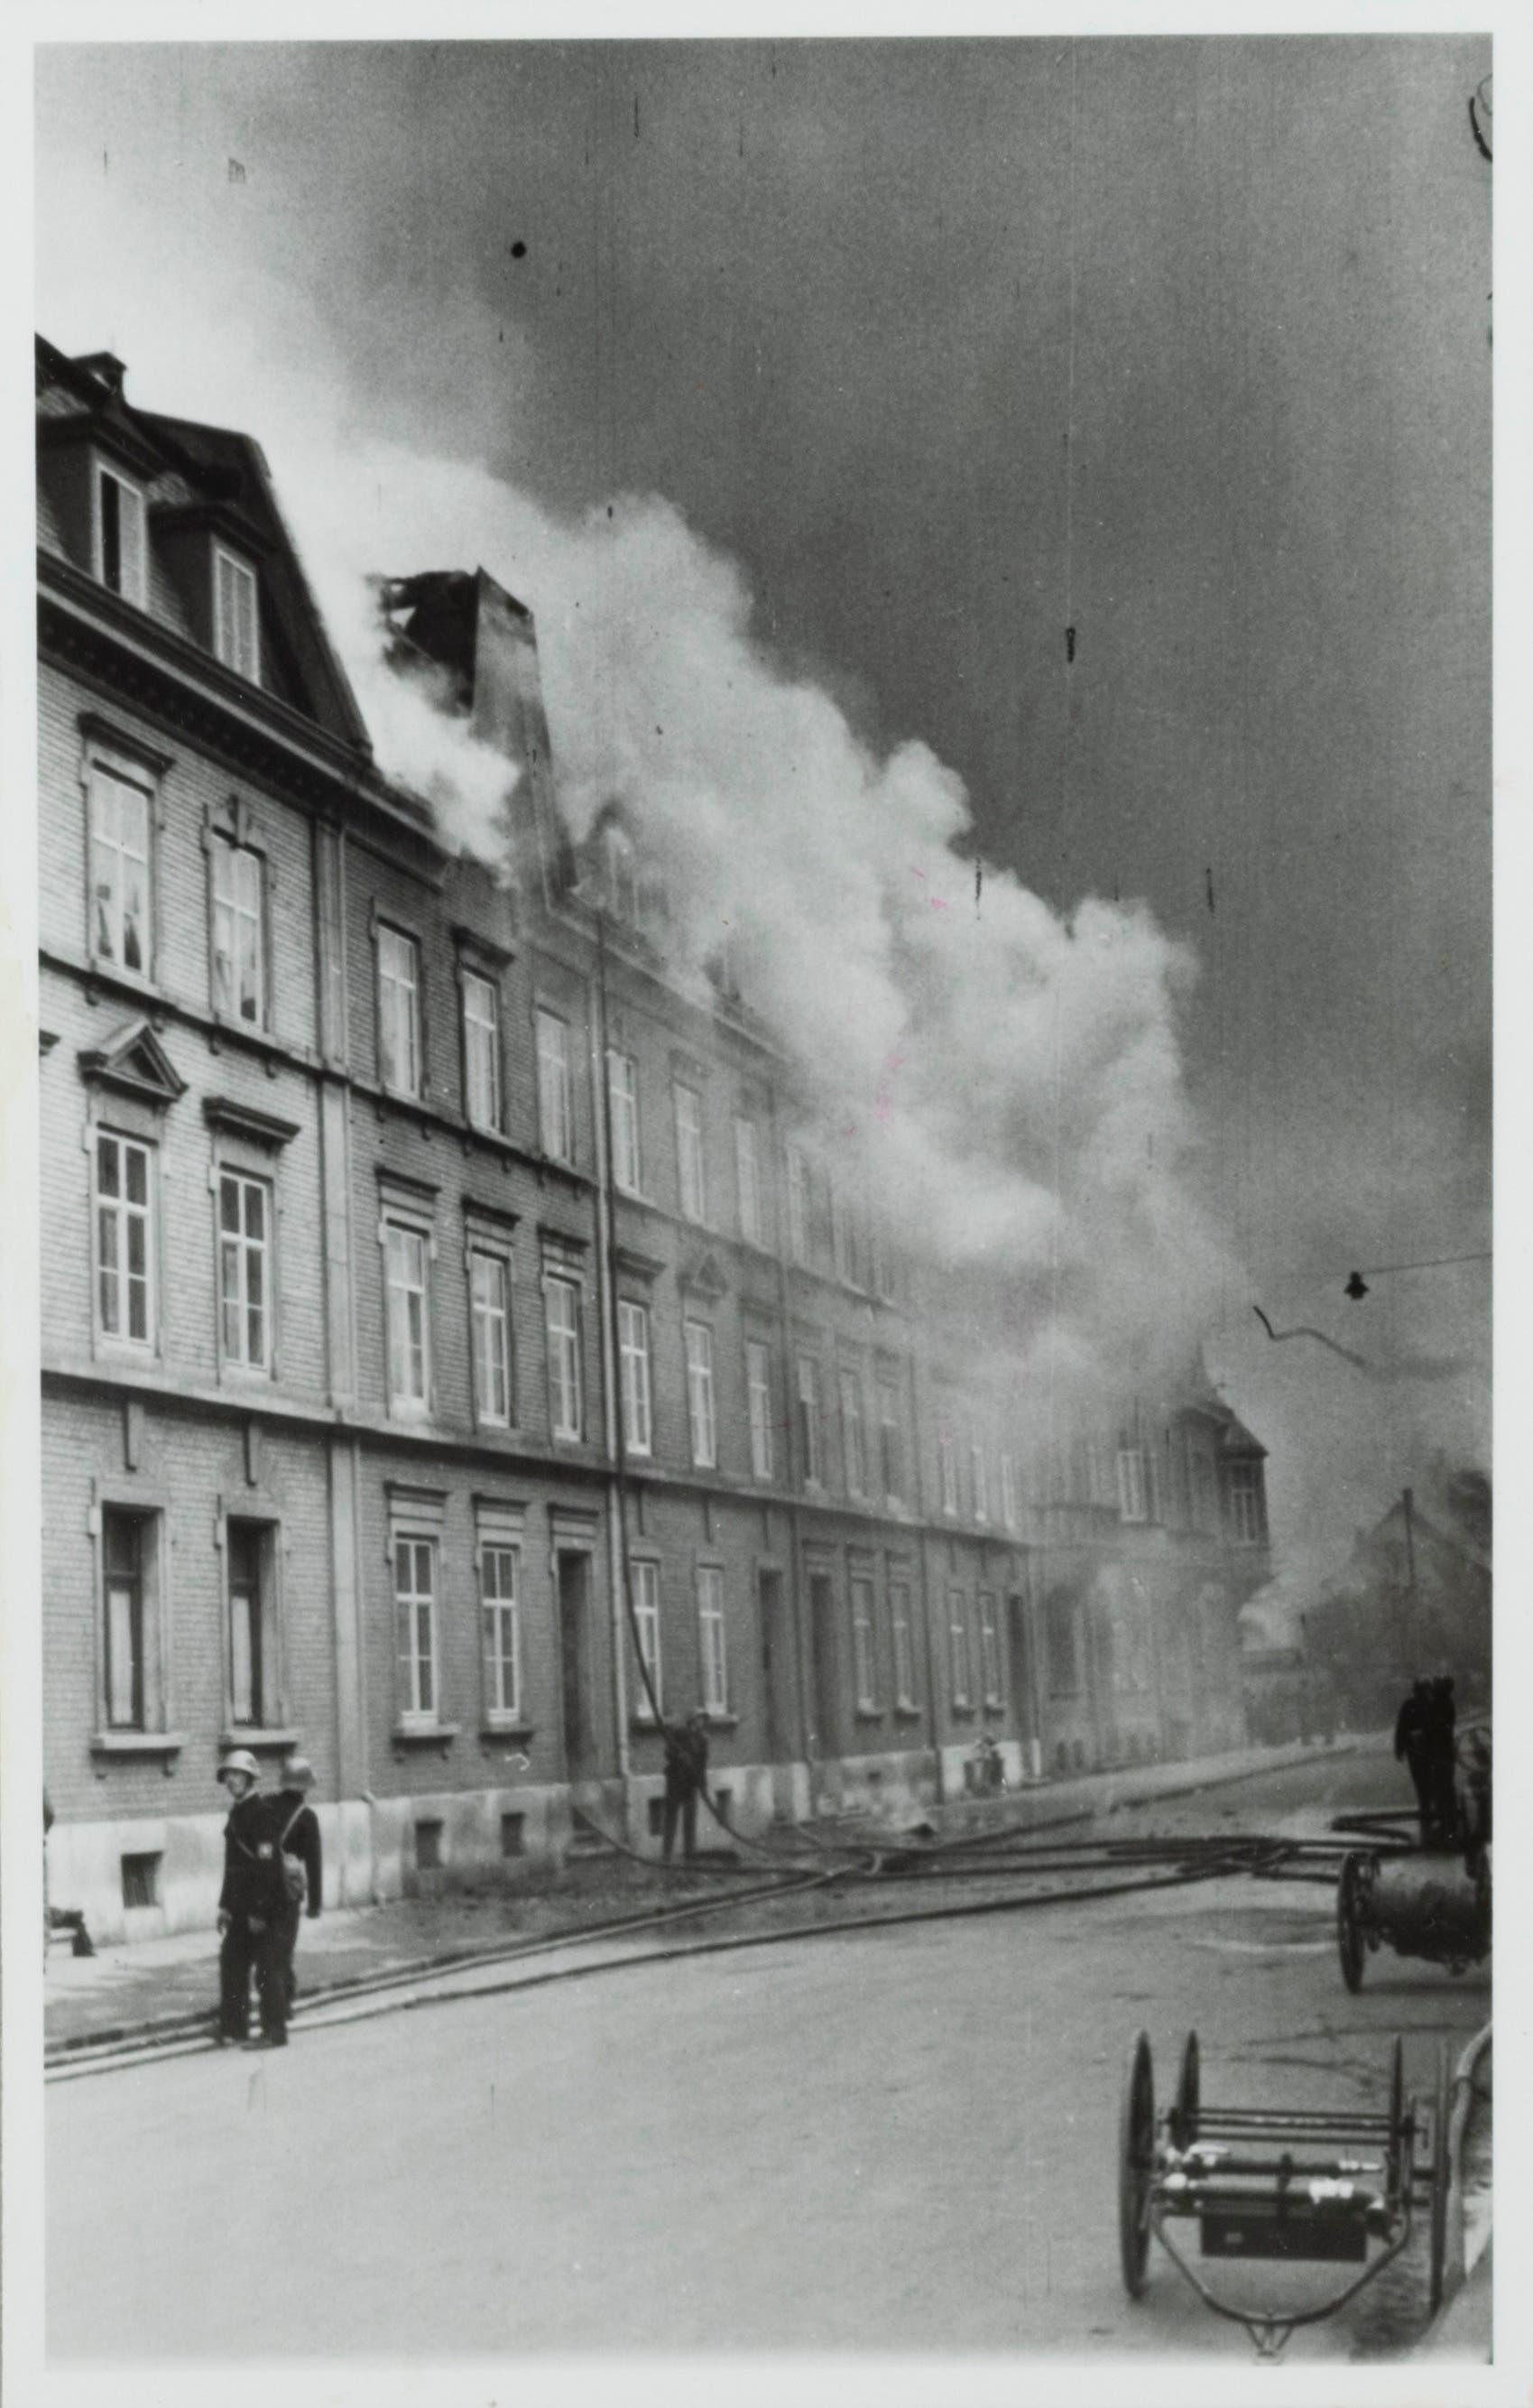 Bombardierung von Basel, 4. März 1945: Feuerwehr und Luftschutz versuchen den Dachstockbrand an der Tellstrasse 17 und 21 zu löschen.